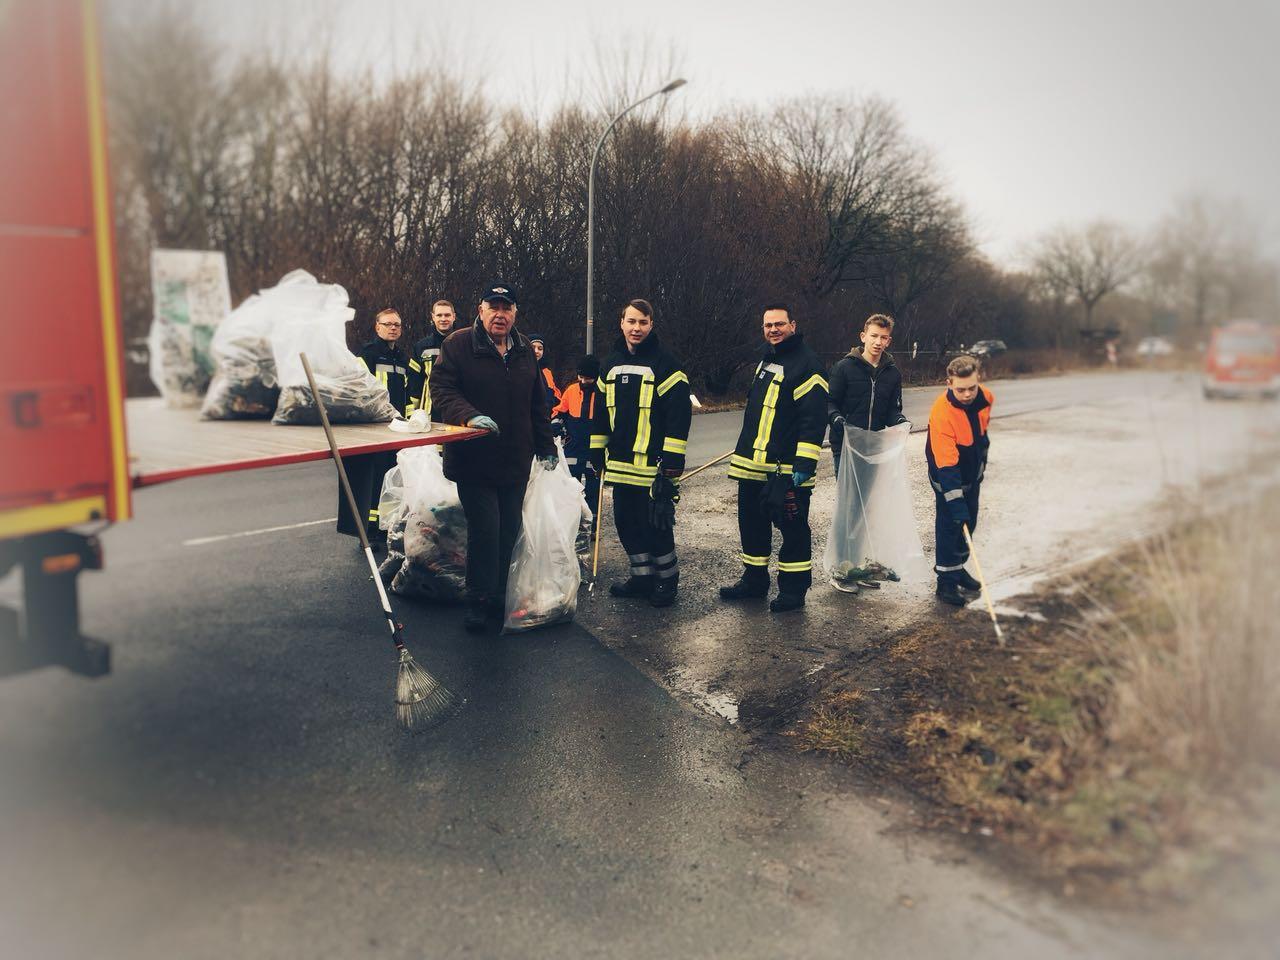 """Feuerwehr beteiligt sich am """"Dreckweg Tag 2018"""""""